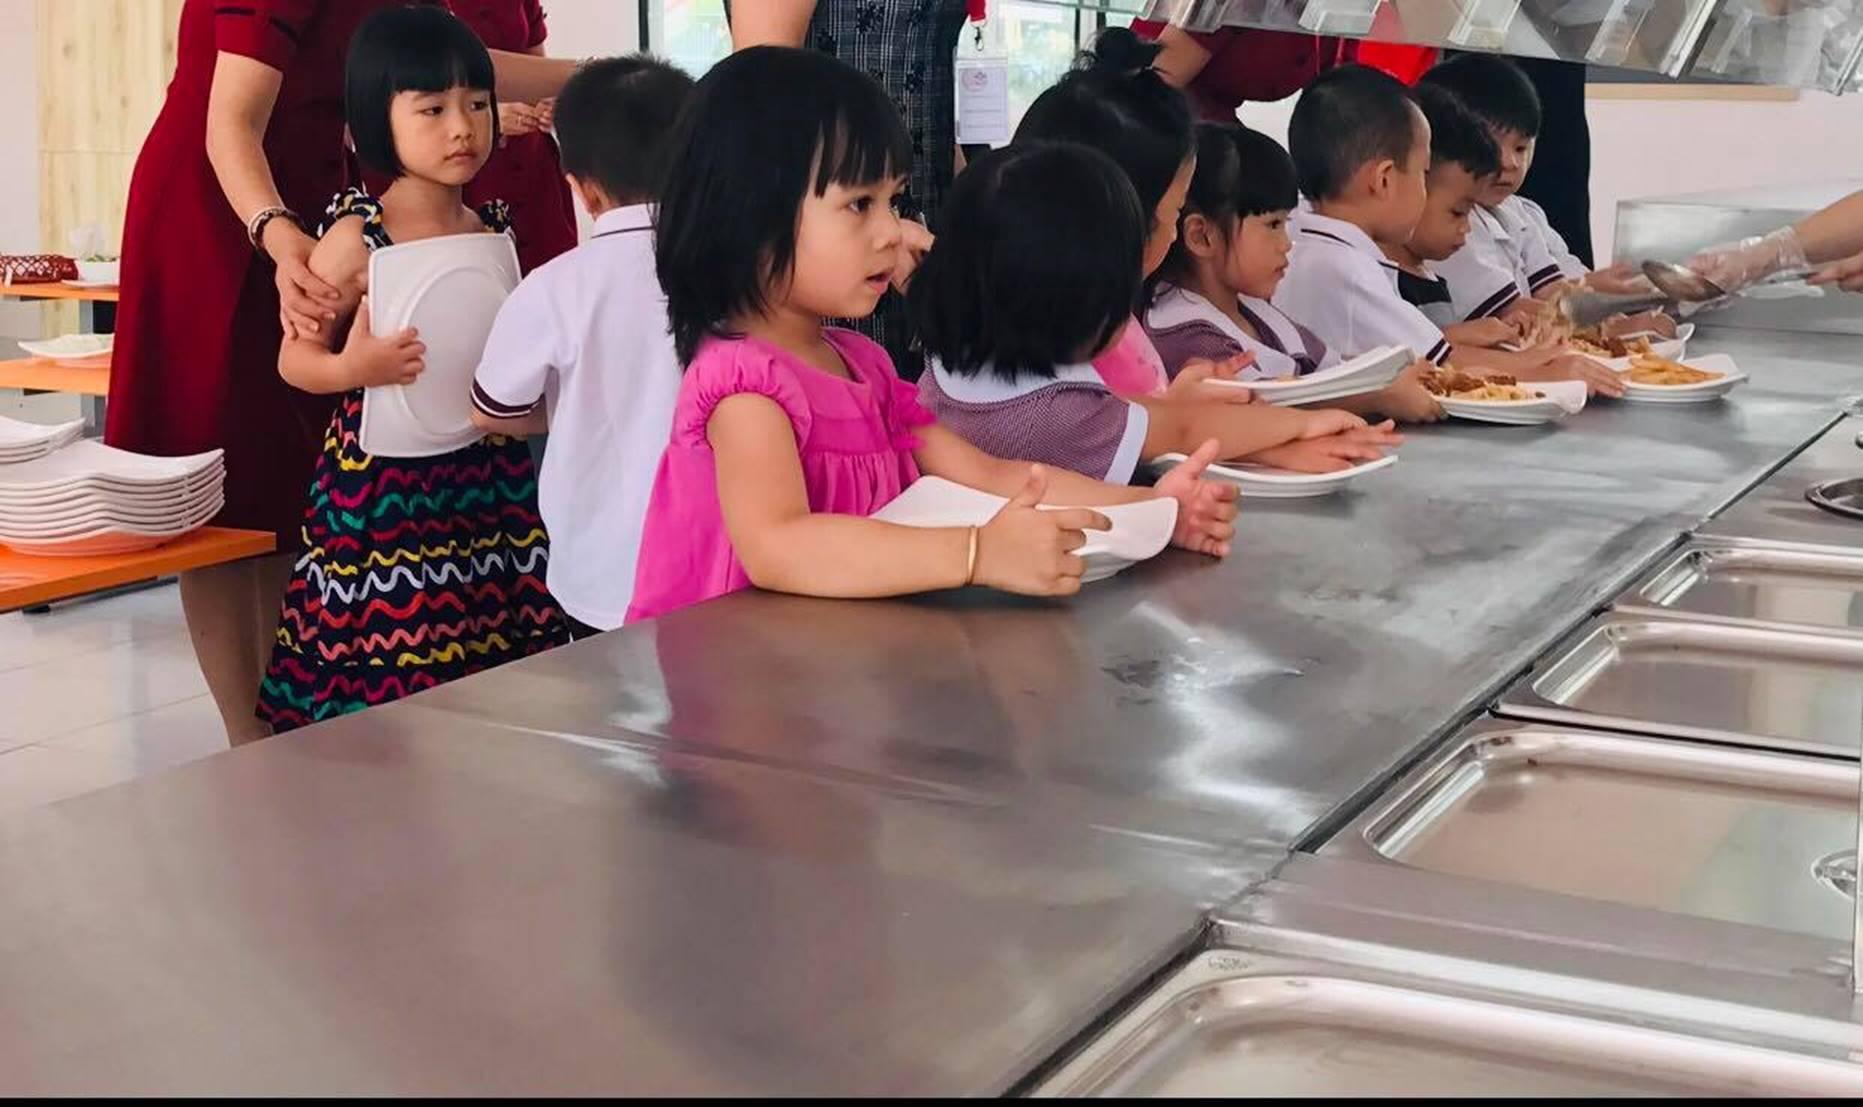 Cách dạy con của ông chủ quán cơm tấm khiến thầy giáo dạy sử muốn bật ngửa-1